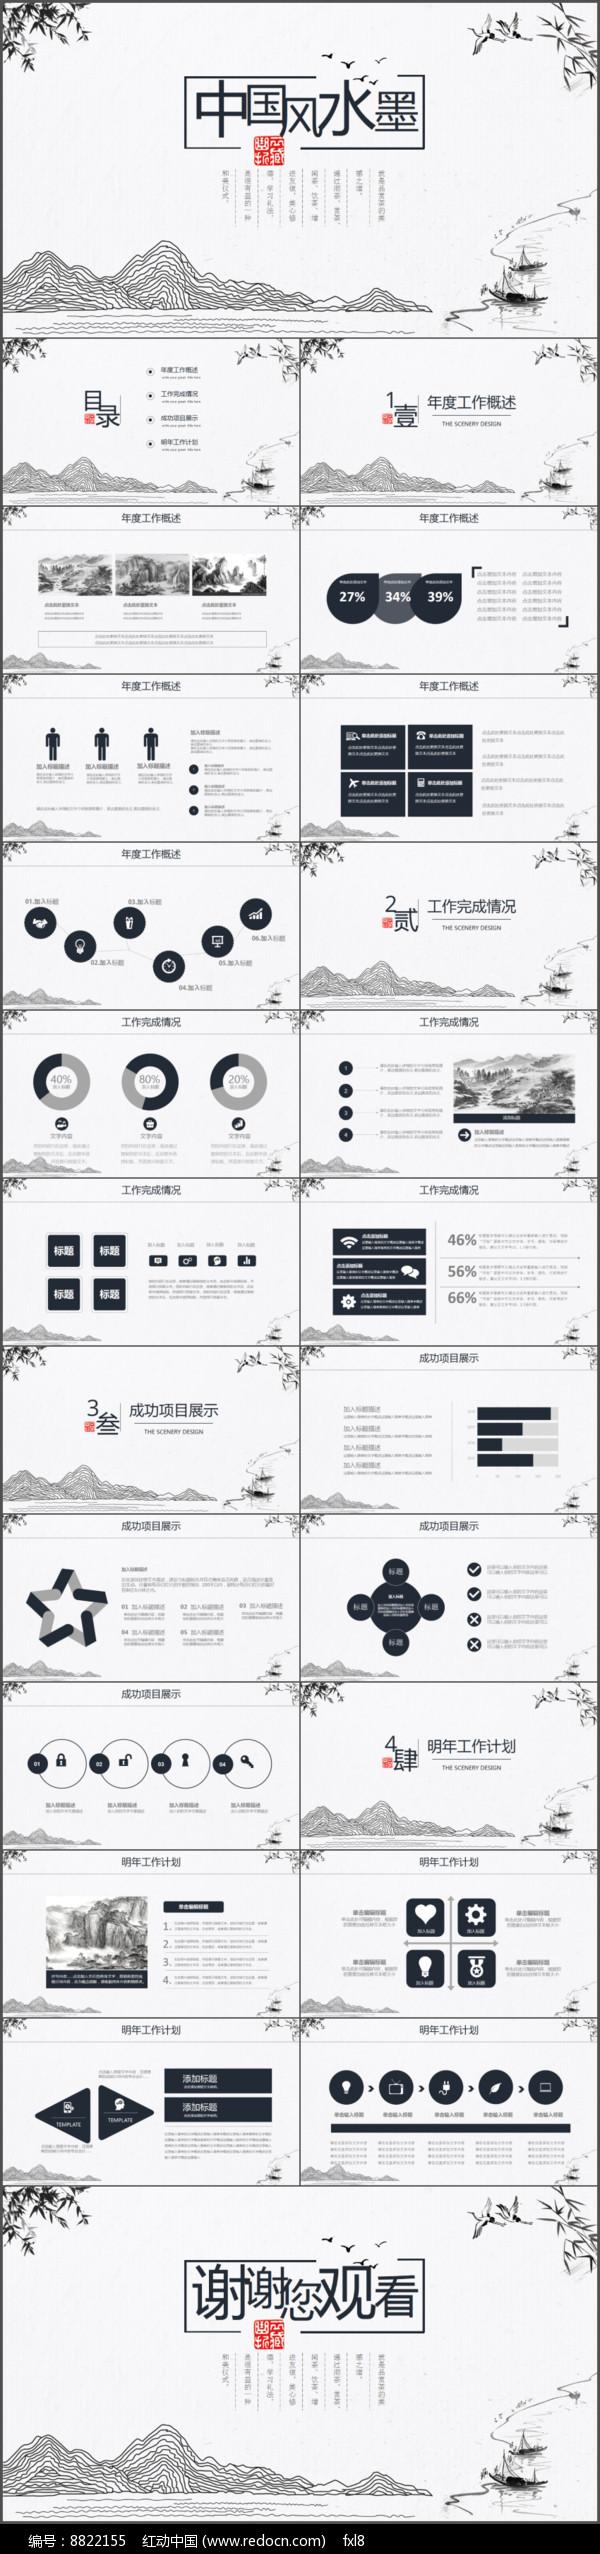 简约中国水墨风商务PPT模板图片